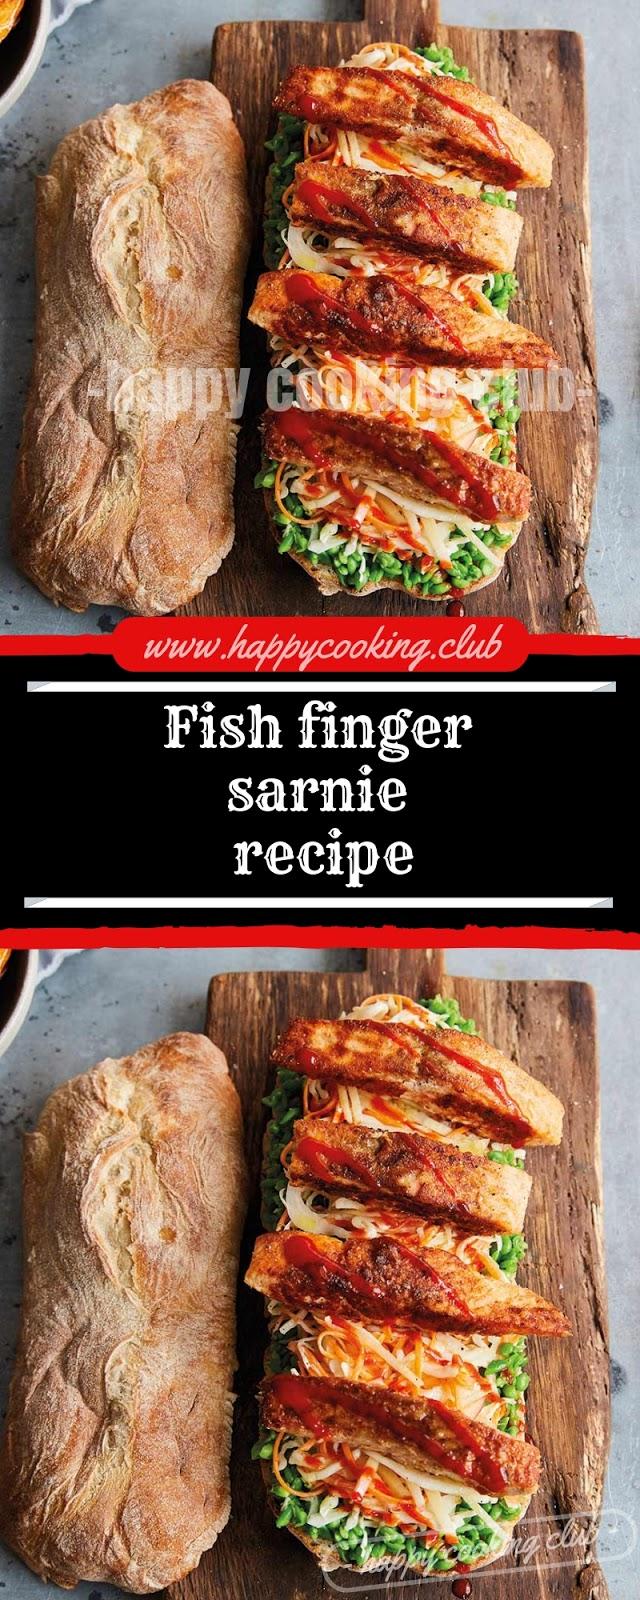 Fish finger sarnie recipe